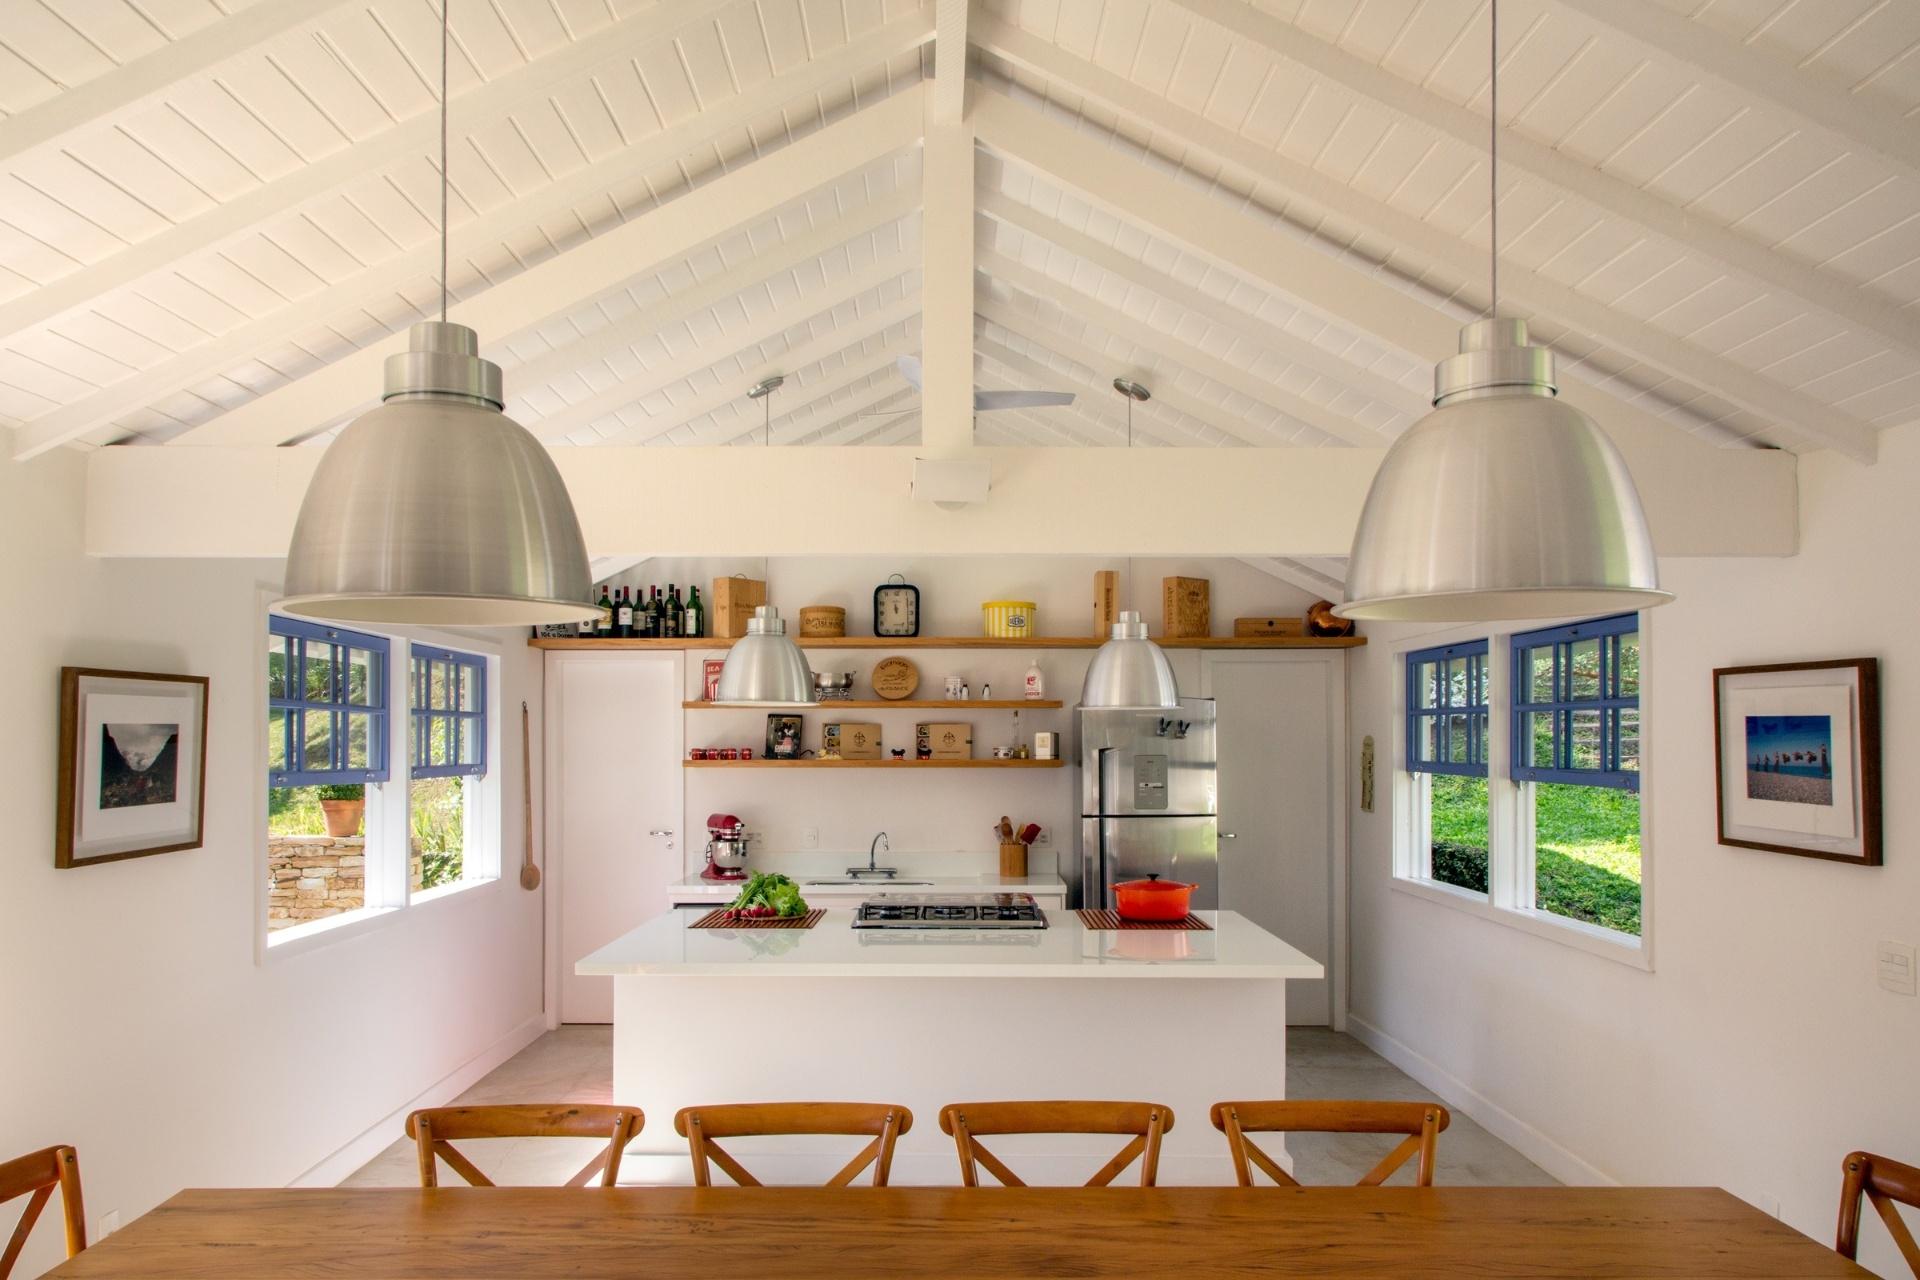 ficam mais saborosas em torno da ilha de cocção instalada na cozinha  #7E4614 1920x1280